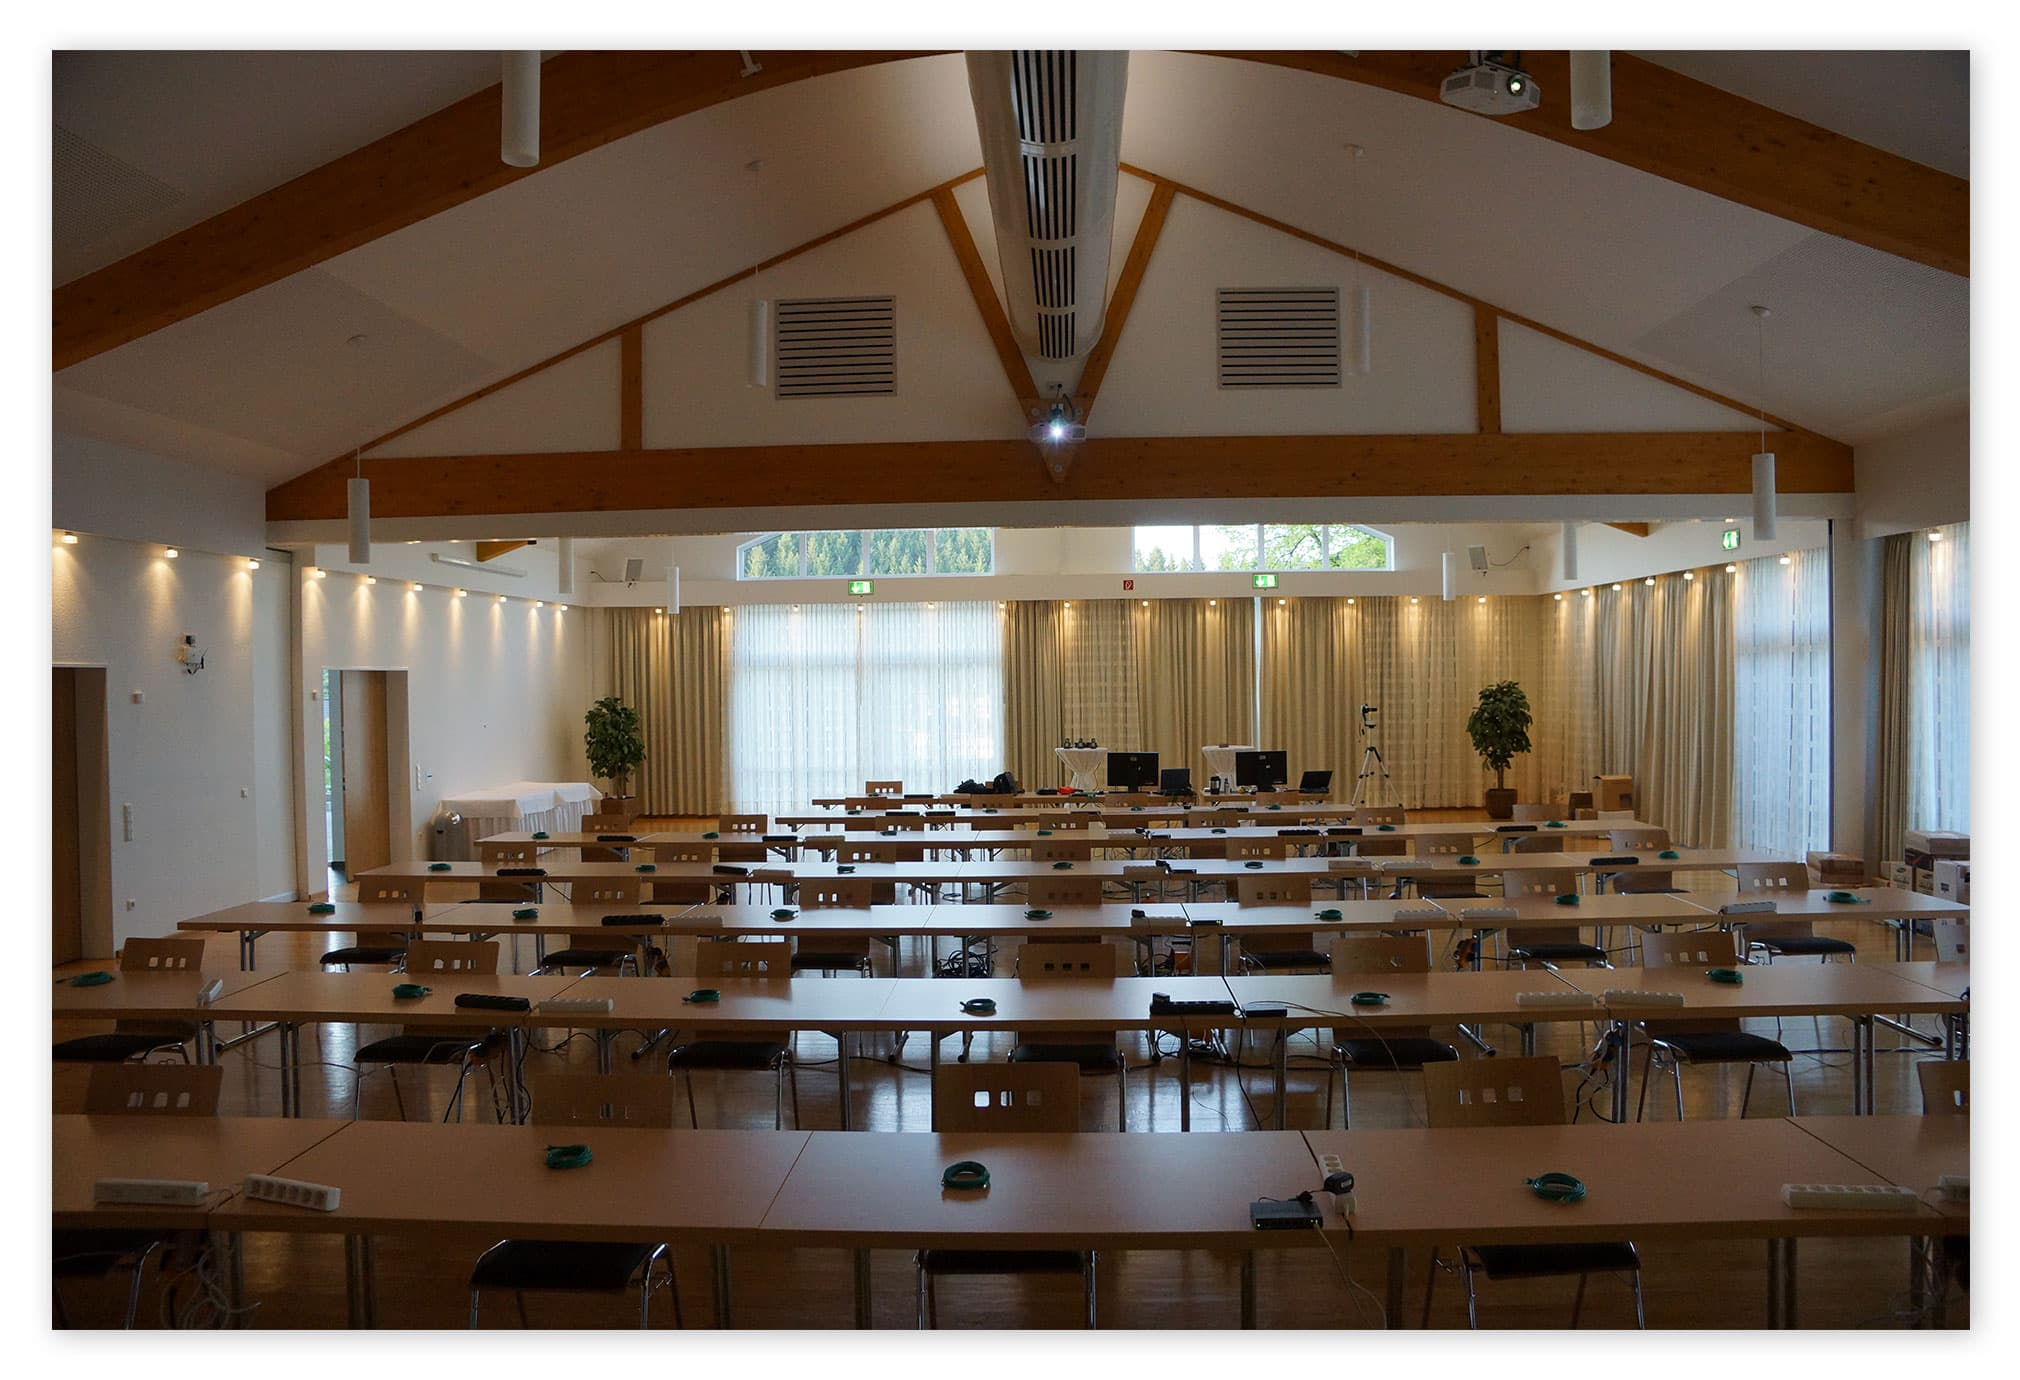 Konferenzraum vor dem Aufbau